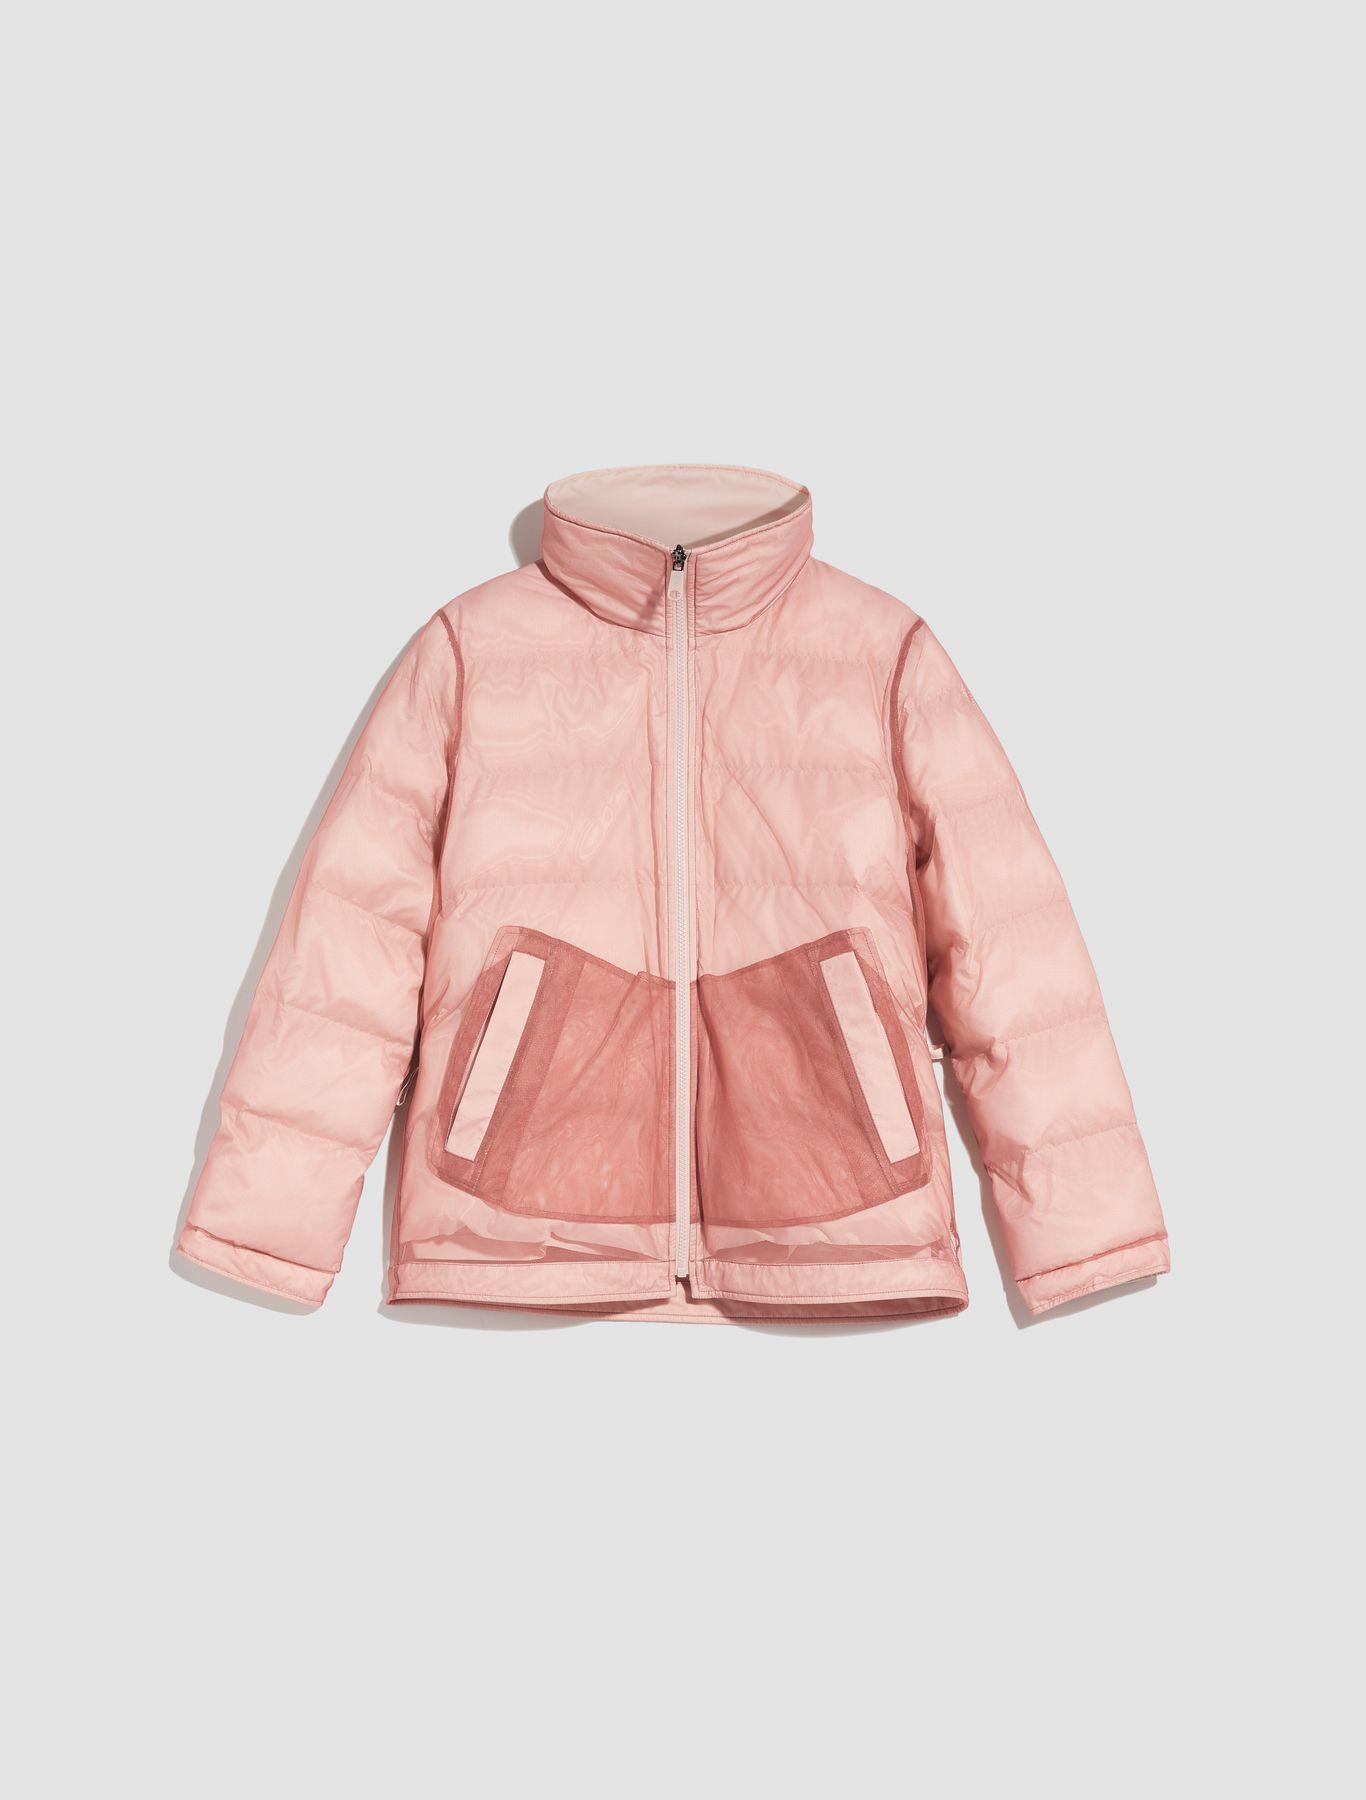 DEFILARE Quited jacket pink 5